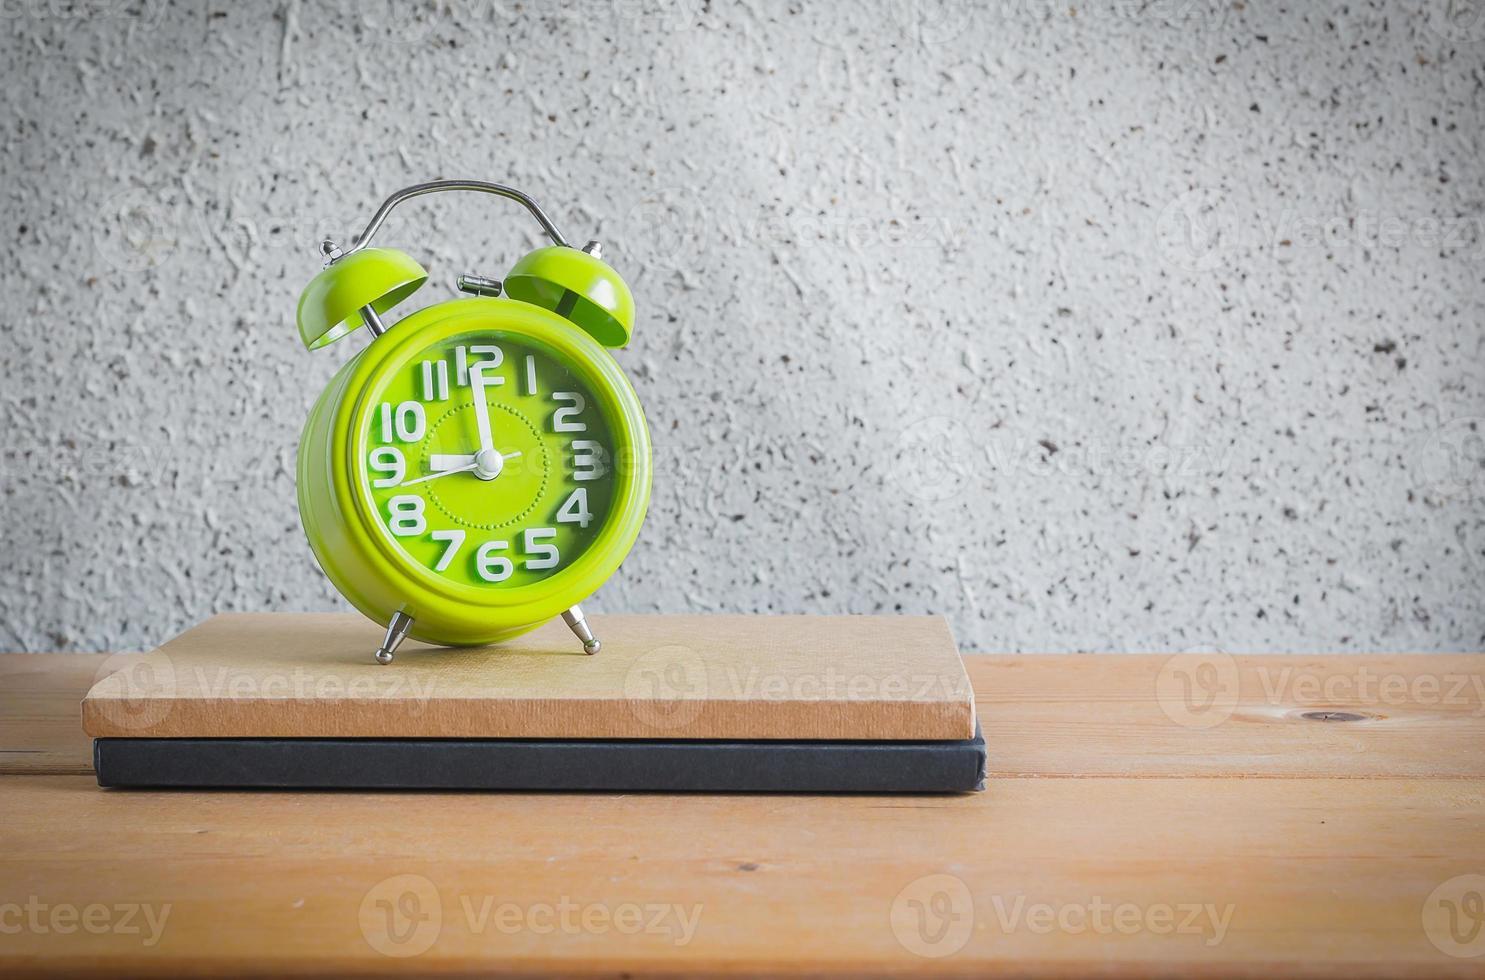 klocka och anteckningsbok på träbord, stilleben foto